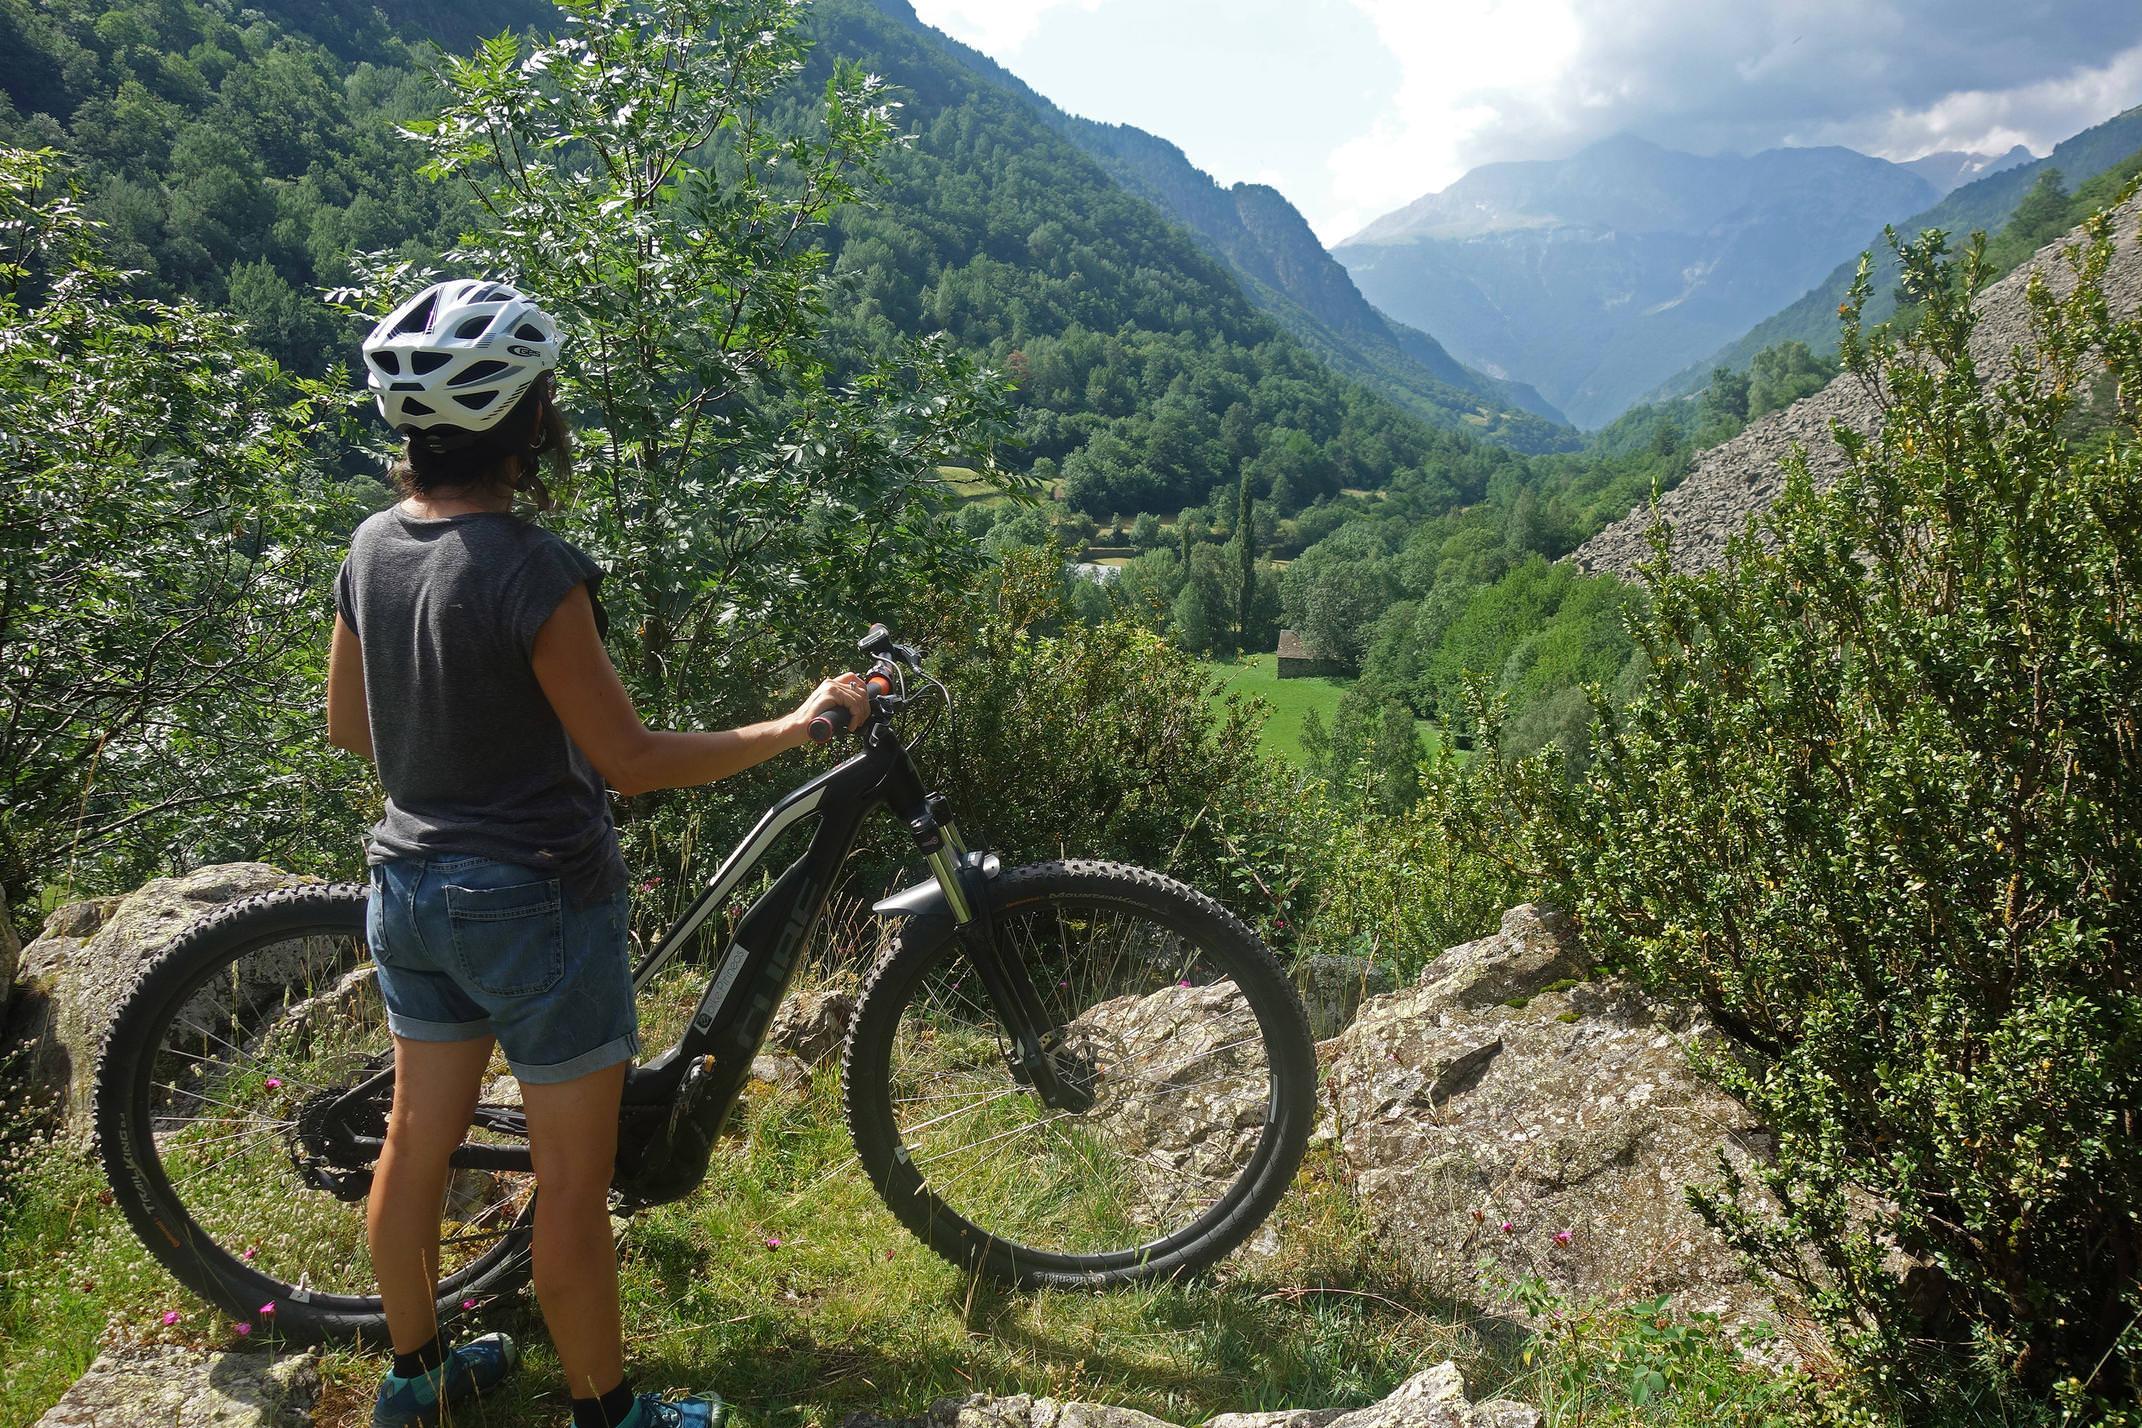 Spain pyrenees huesca ebike chistau viados maria c diego